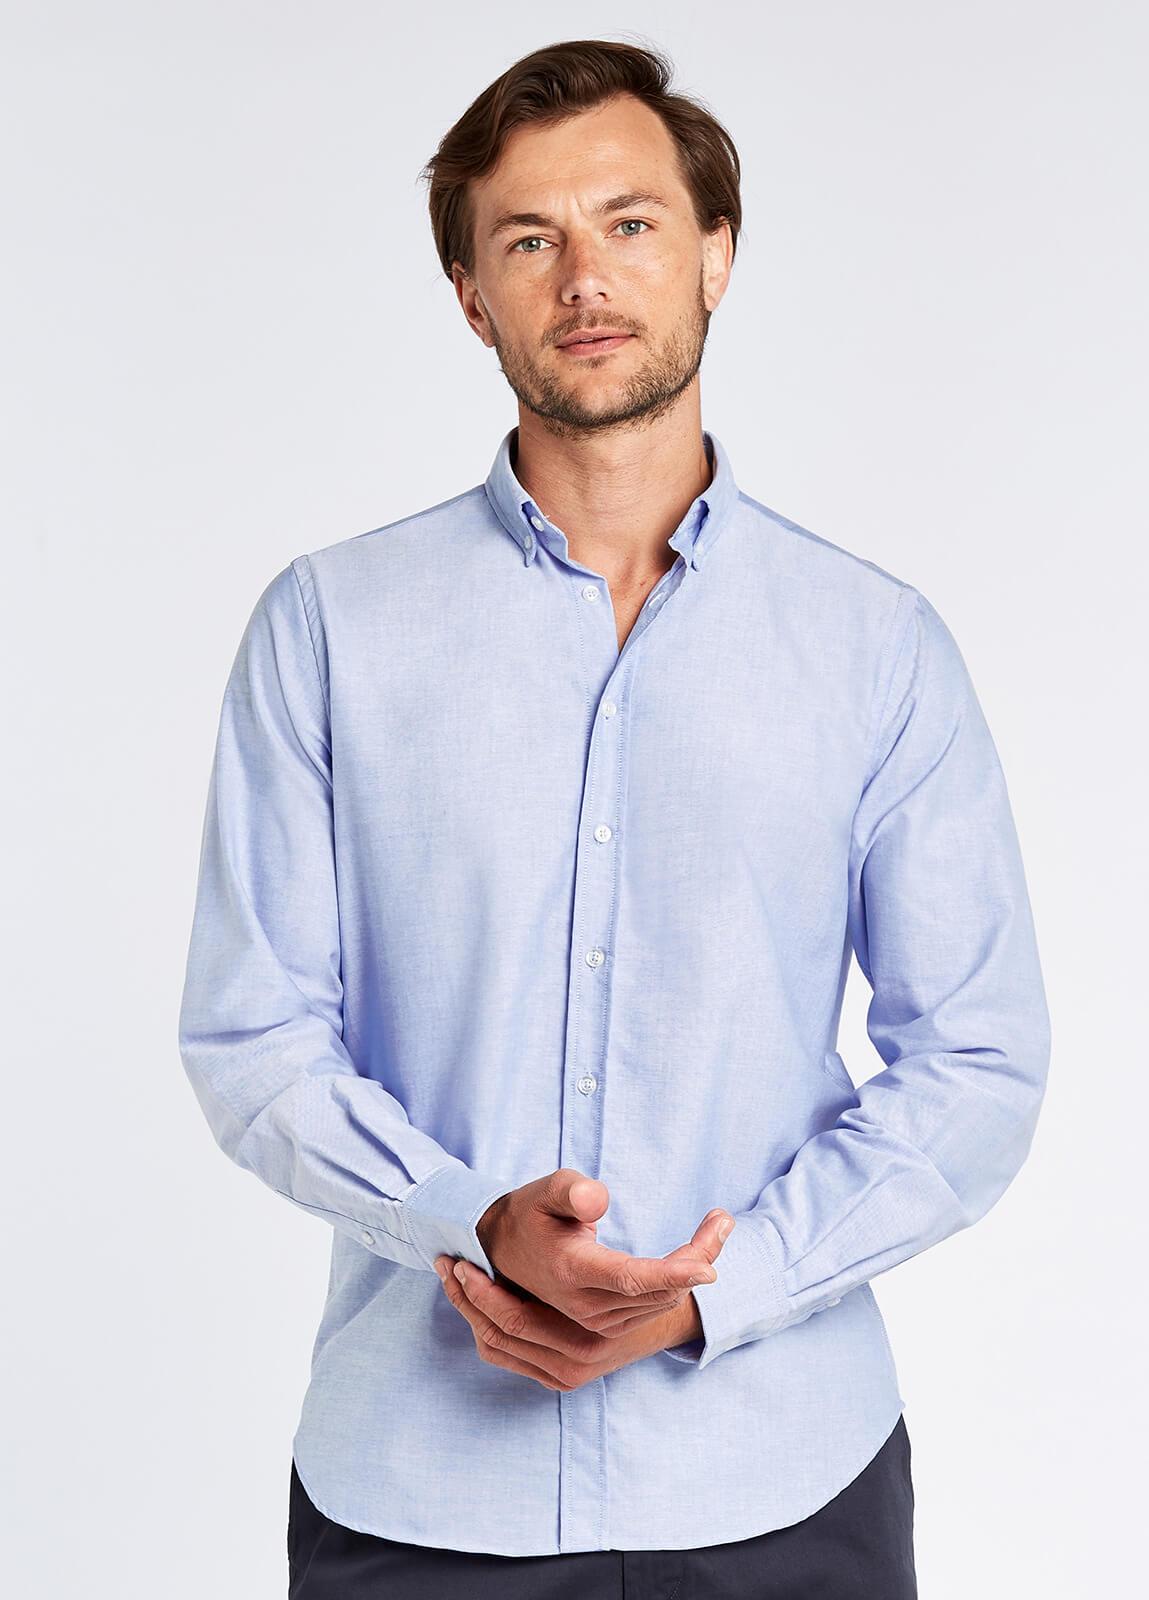 Castlecove Oxford Shirt - Pale Blue